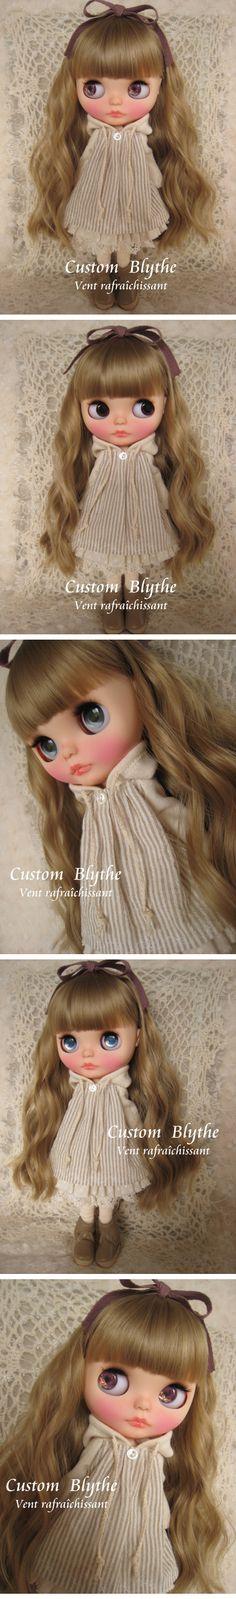 *カスタムブライス*Custom Blythe*Vent rafrachissant - ヤフオク!